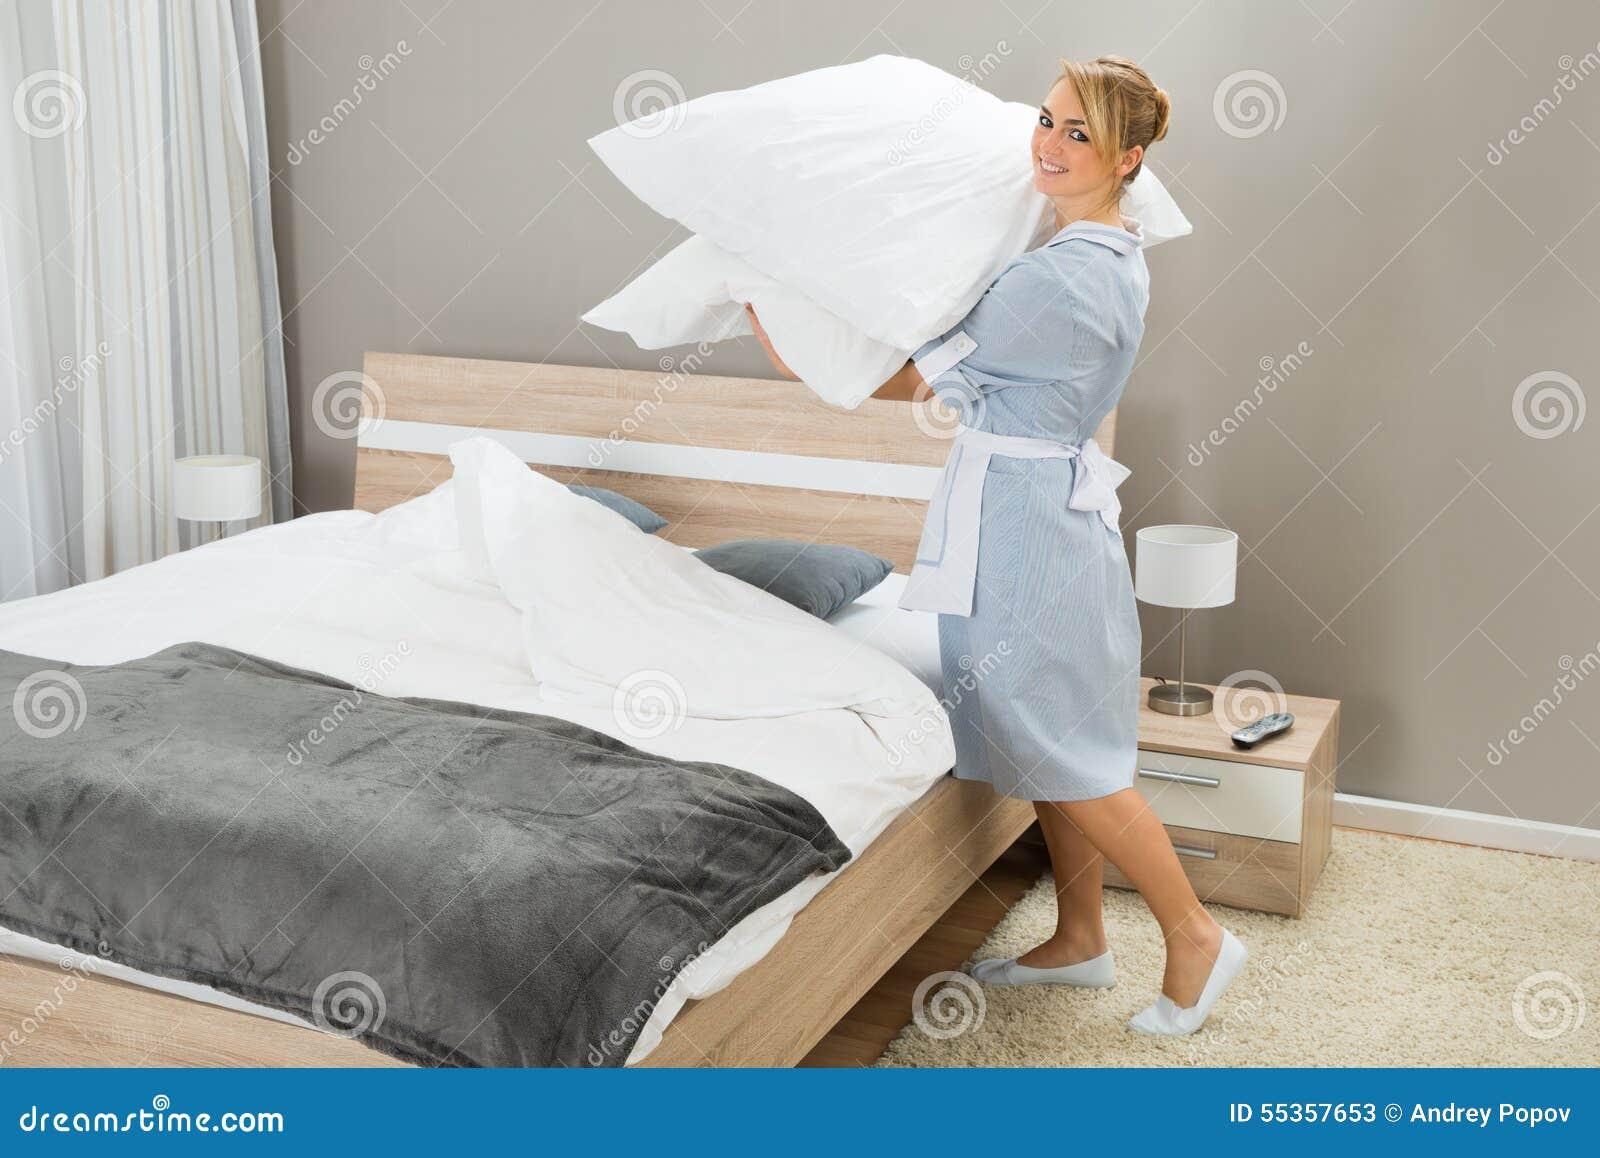 Lavoratore di governo della casa con i cuscini